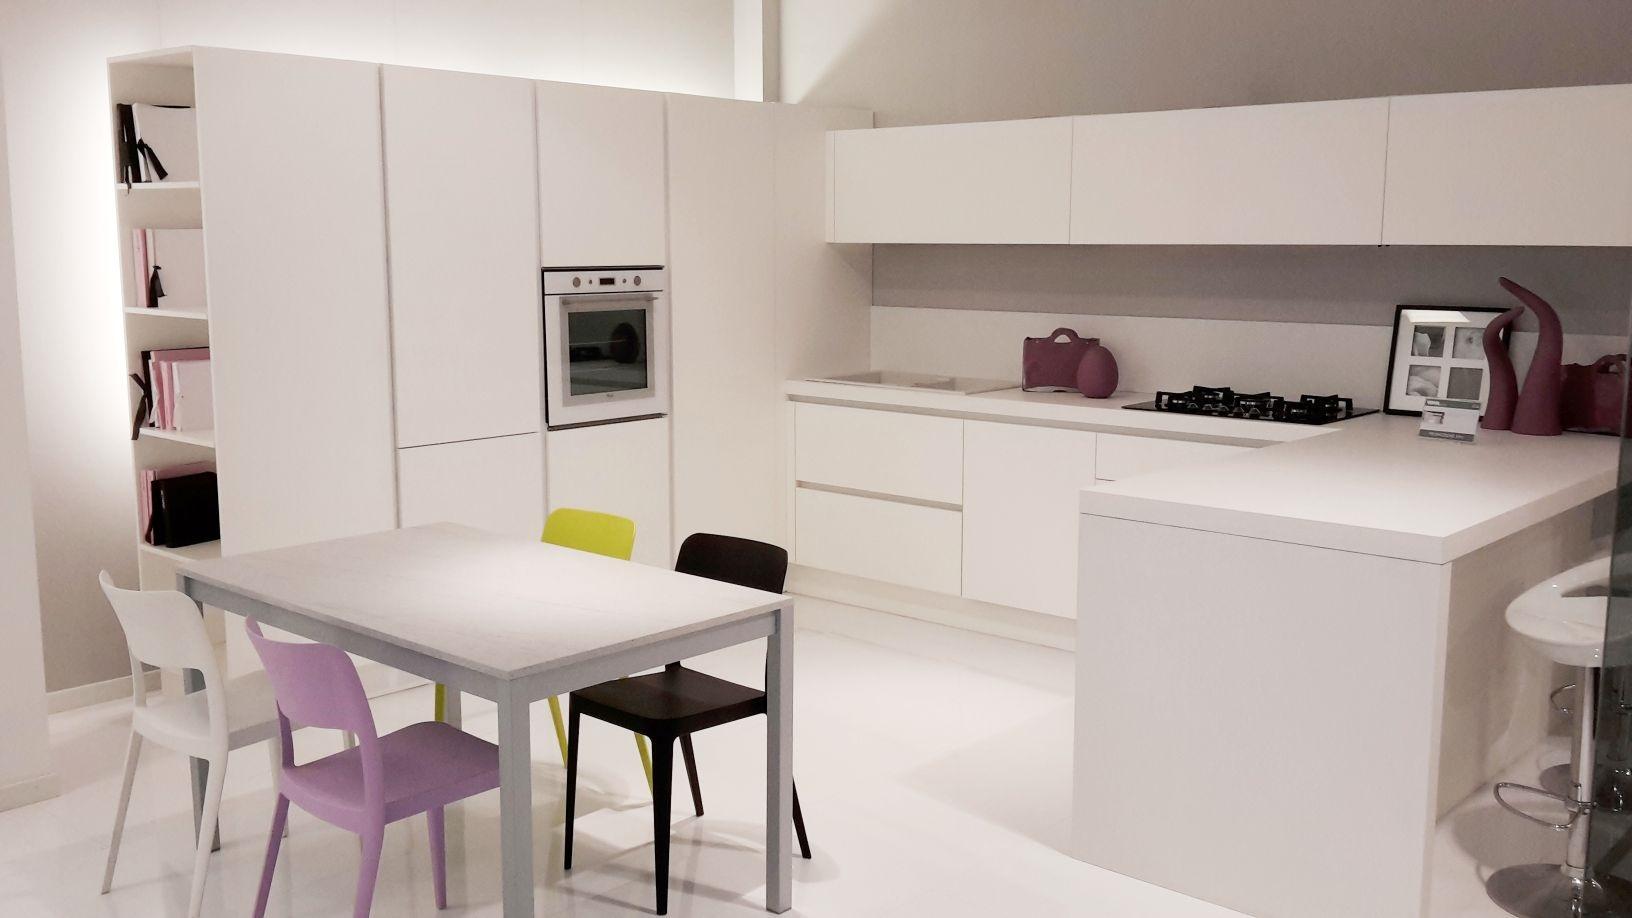 Cucine moderne con penisola design idee creative di - Cucine con penisola ...